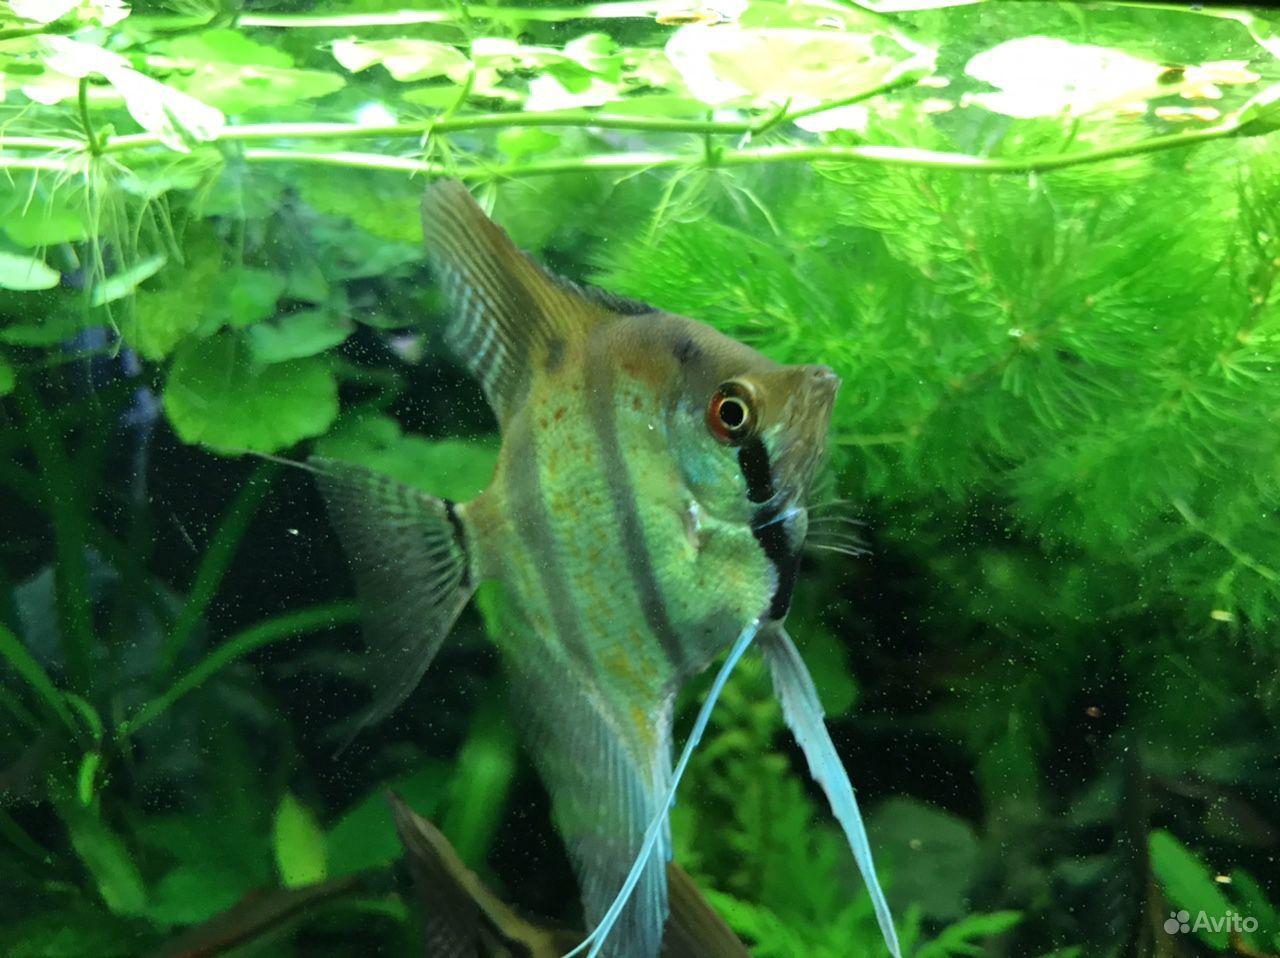 Аквариумные Рыбки -скалярия, Вид Рио-Нанай -Перуан купить на Зозу.ру - фотография № 9